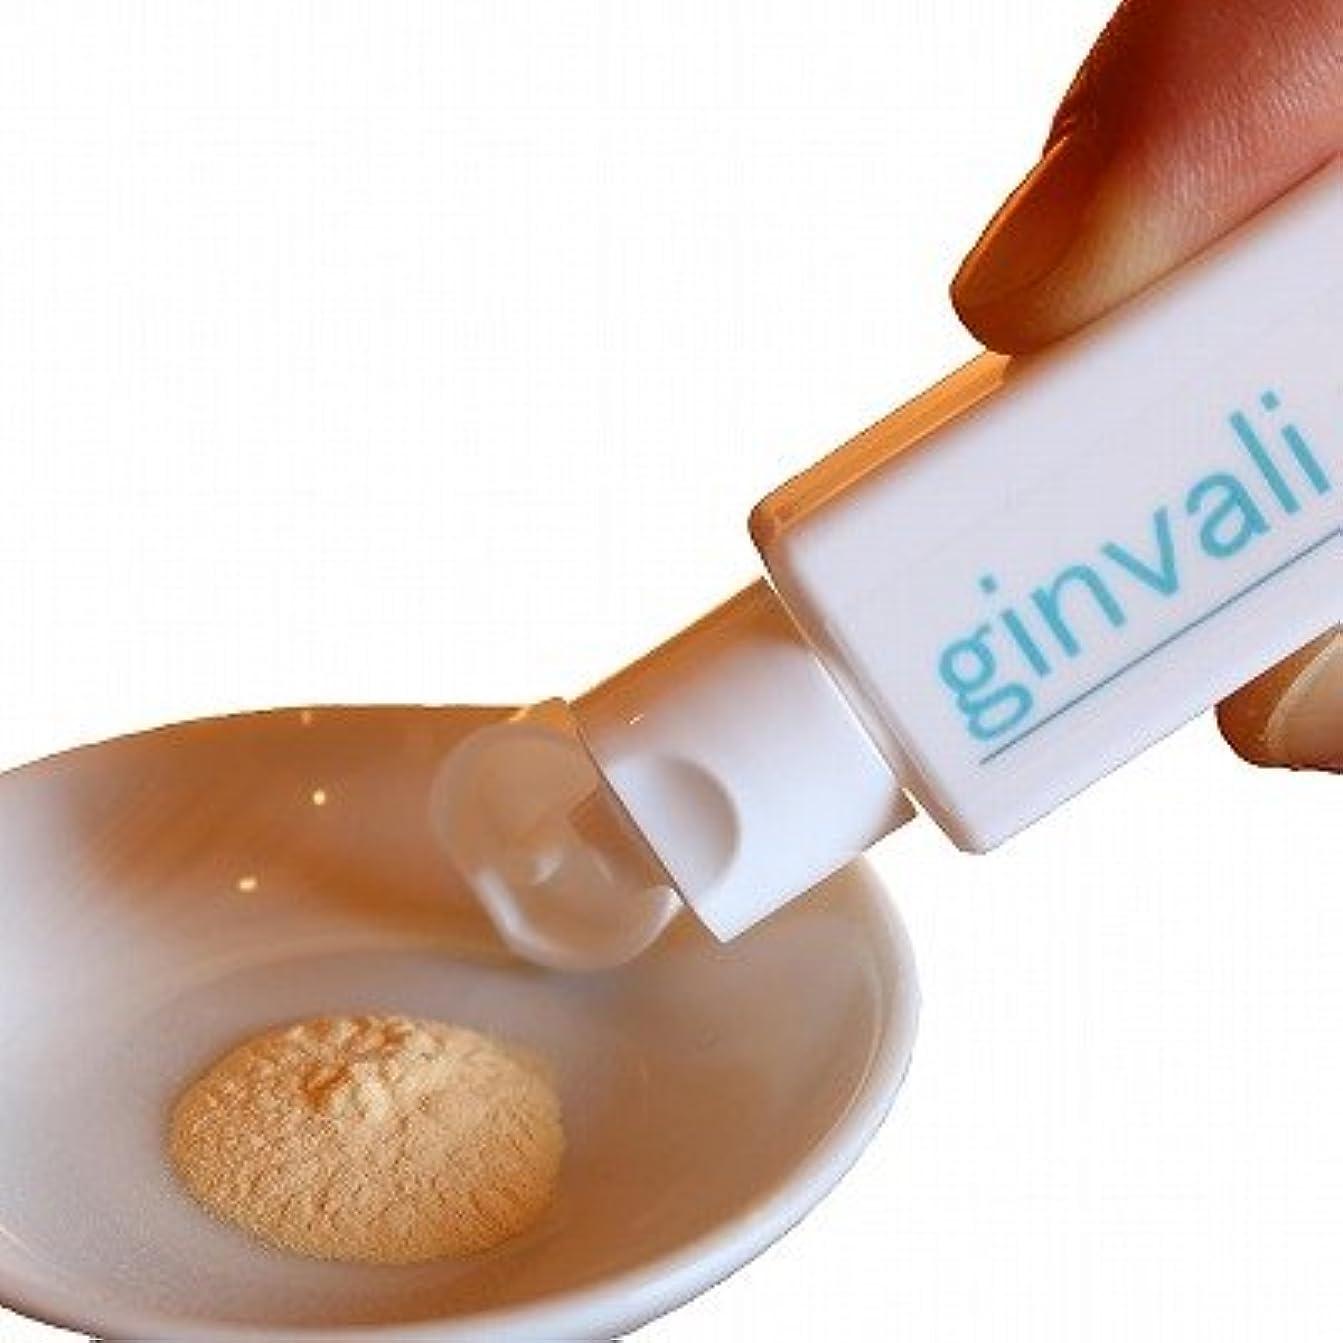 ジンバリ|タブつきをひきしめる歯周ケア|オーバルゲンPG